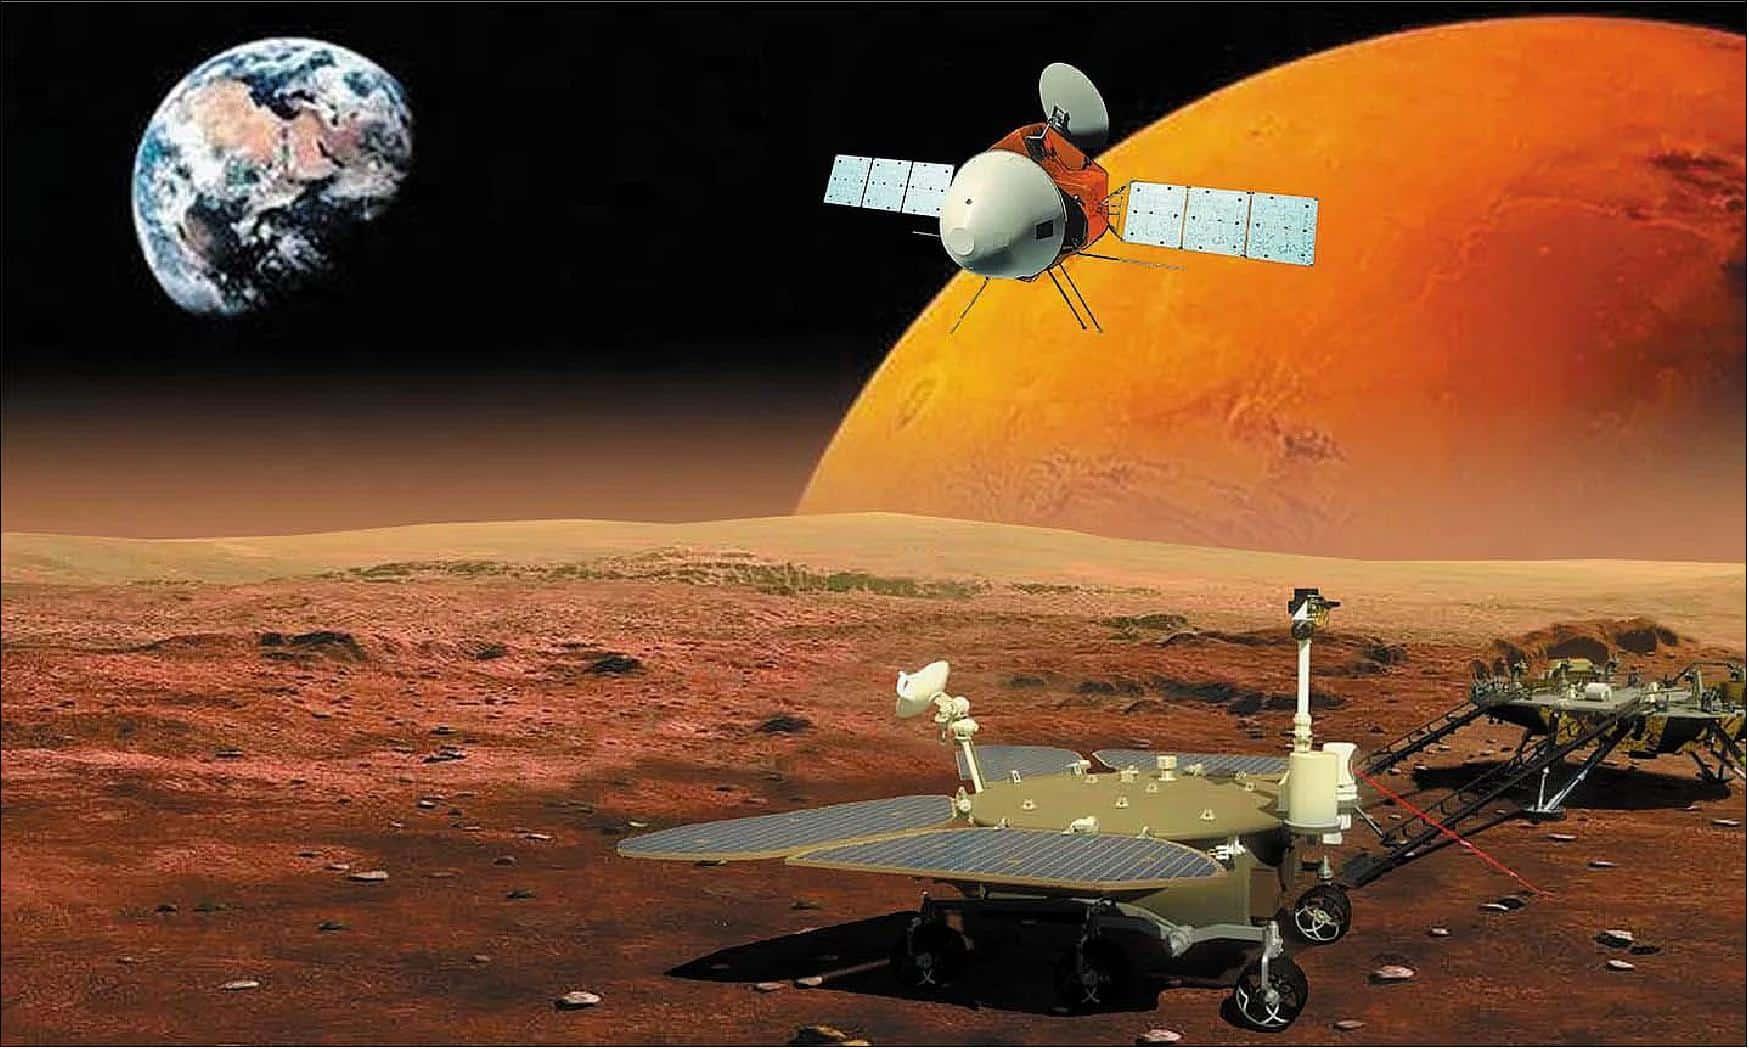 مهمة تايناوين-1 الصينية، المريخ